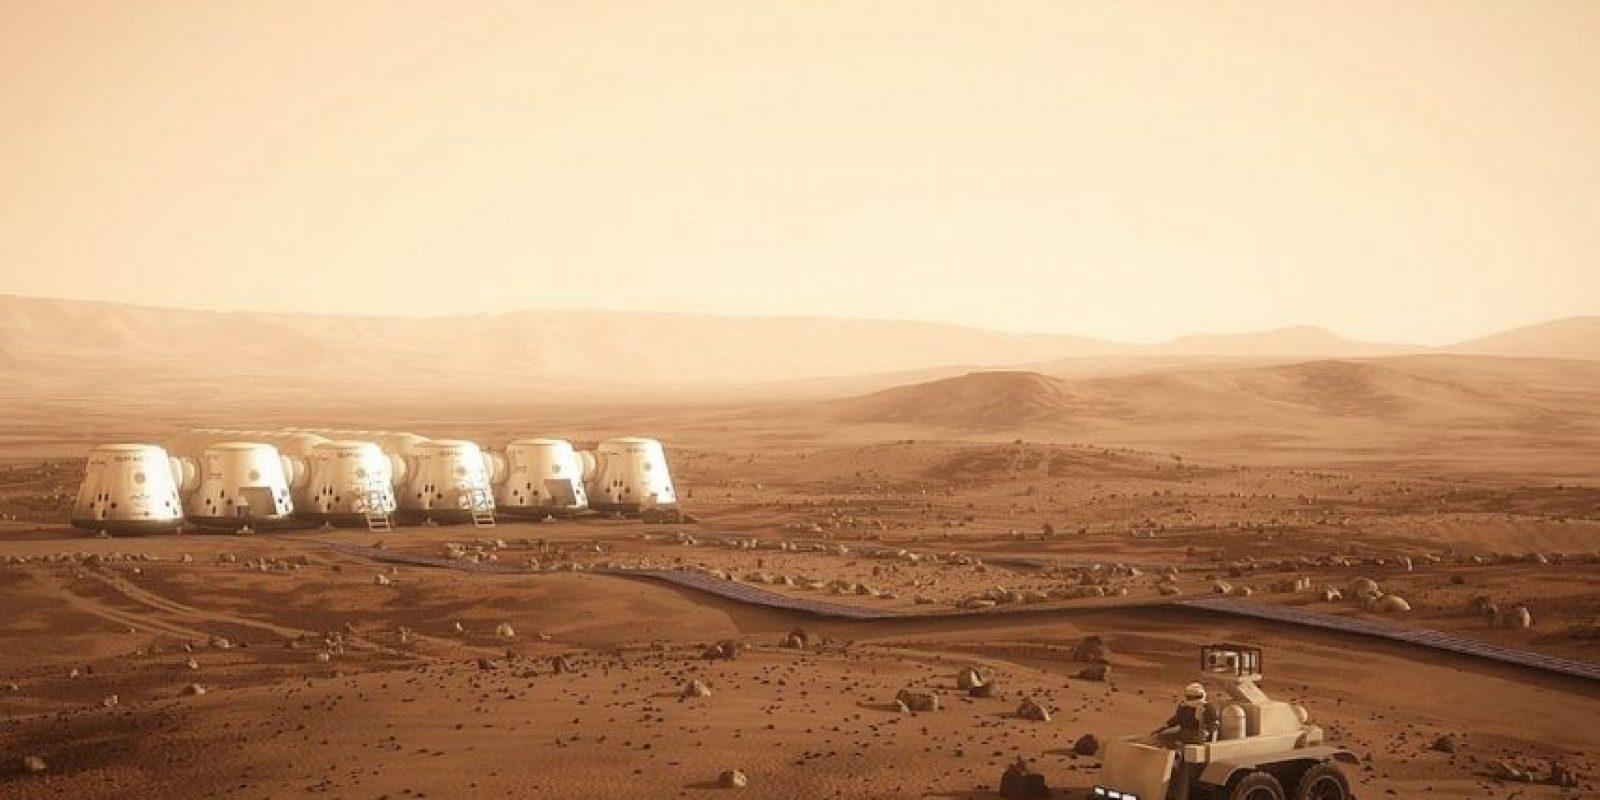 El objetivo de la misión Mars One es crear un asentamiento humano permanente en Marte a partir de 2027. Foto:Vía facebook.com/MarsOneProject